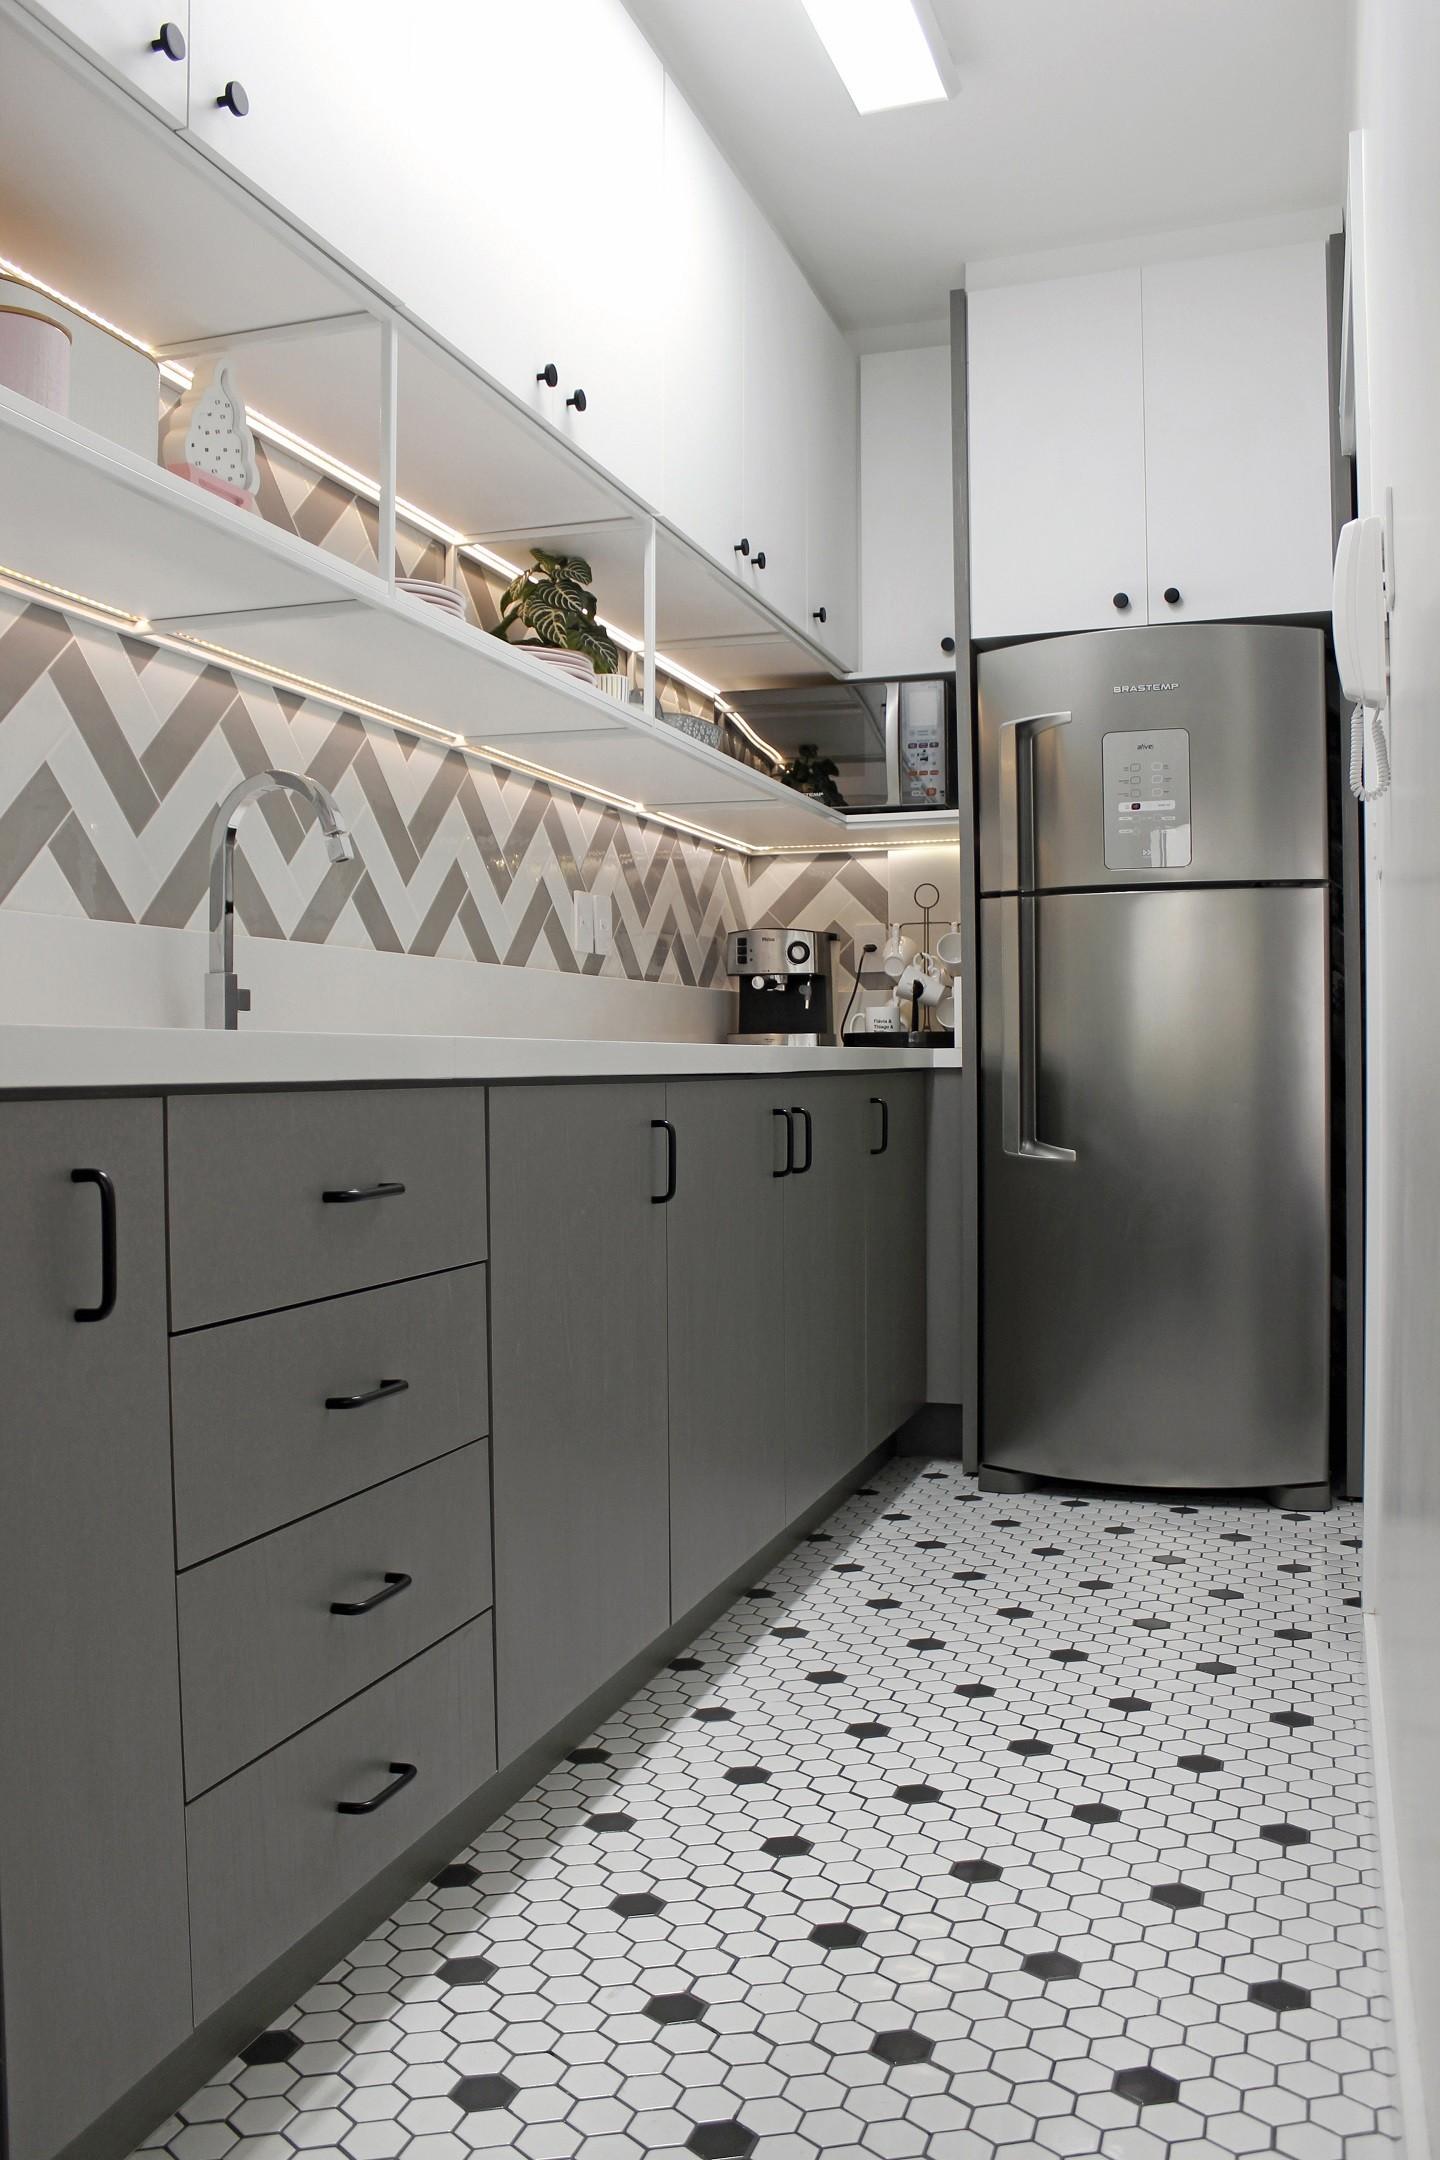 Cozinha pequena com piso de pastilhas, geladeira cinza, armários branco e cinza.